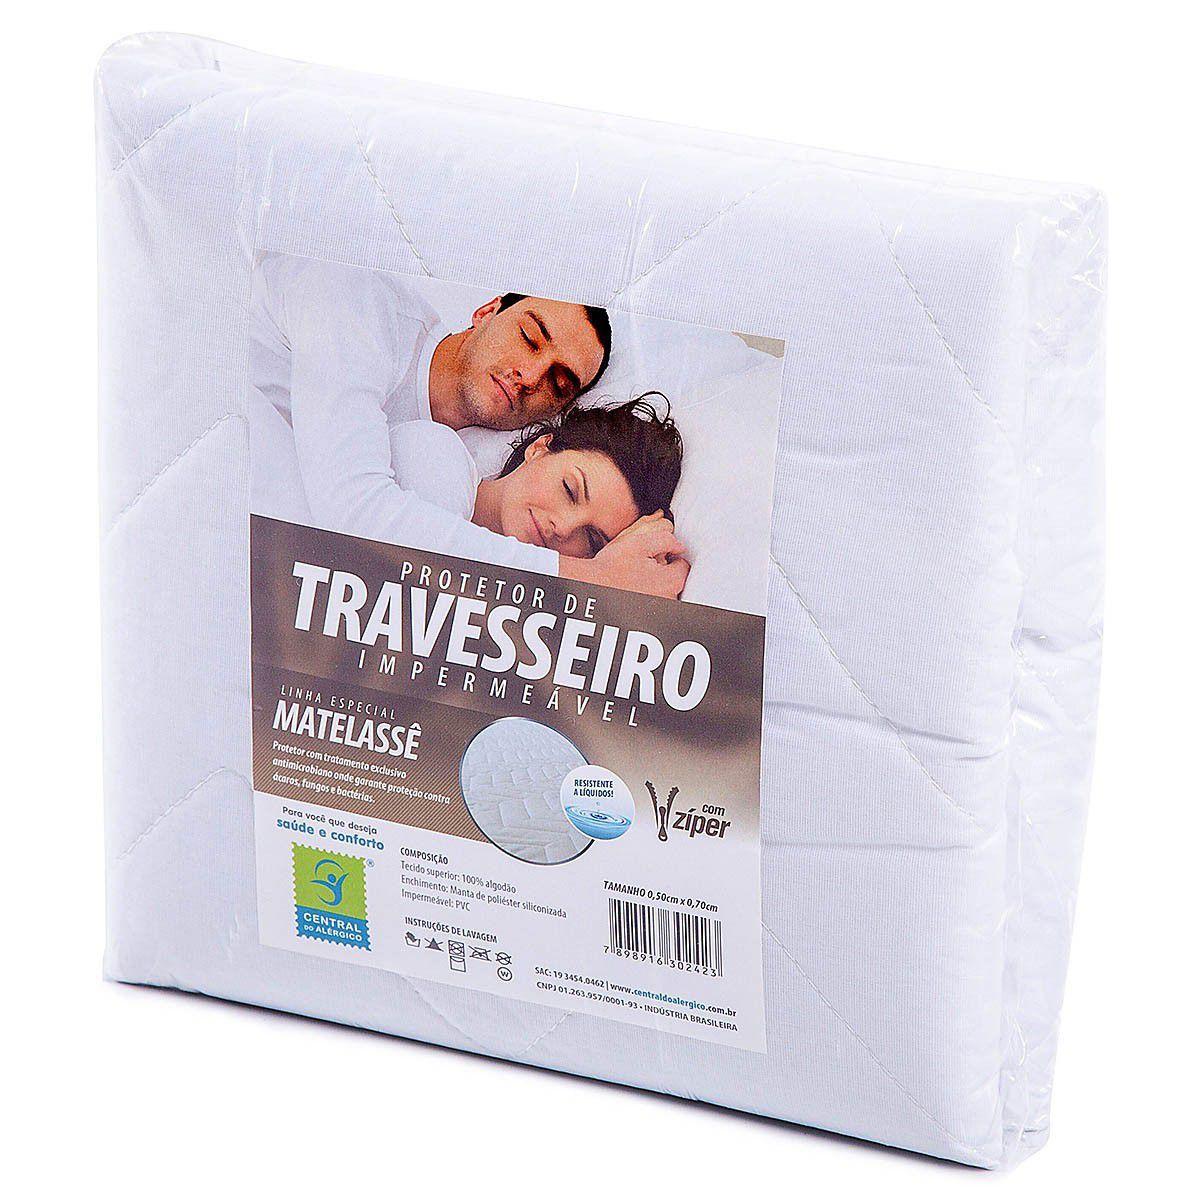 Protetor de Matelassê Impermeável para Travesseiro 100% ALGODÃO Fechamento c/ zíper